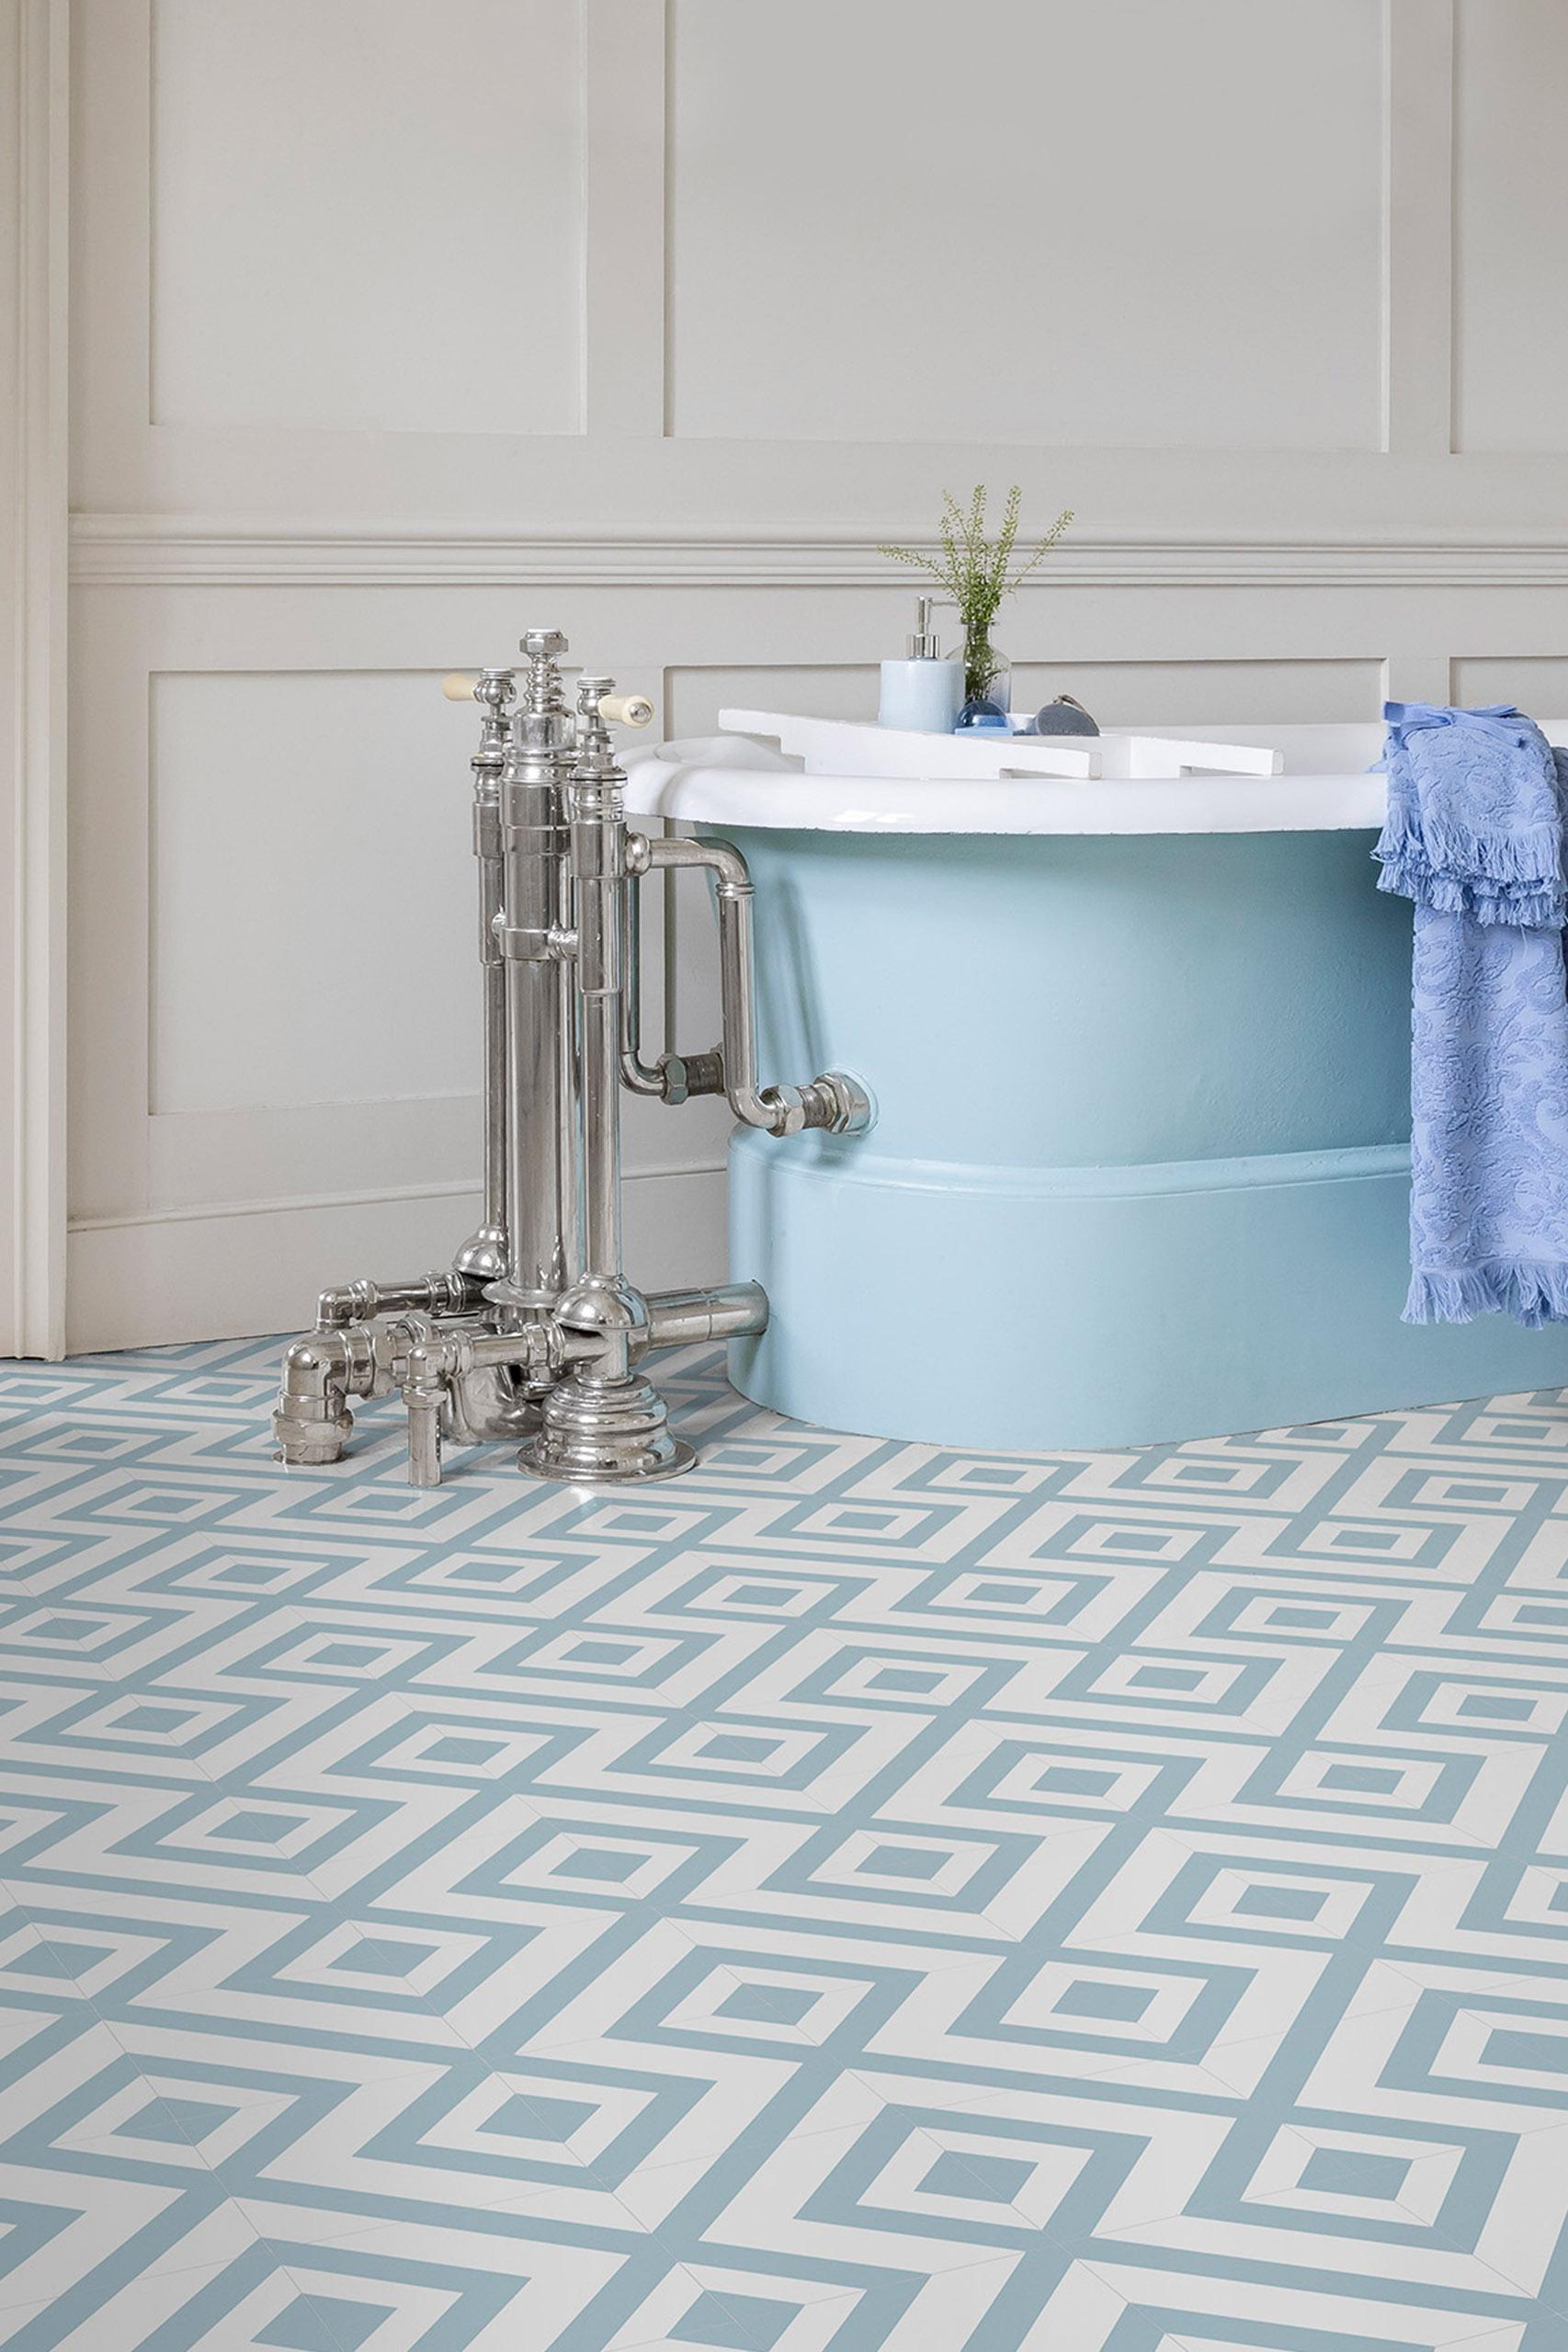 Avenue Floors - Bathroom